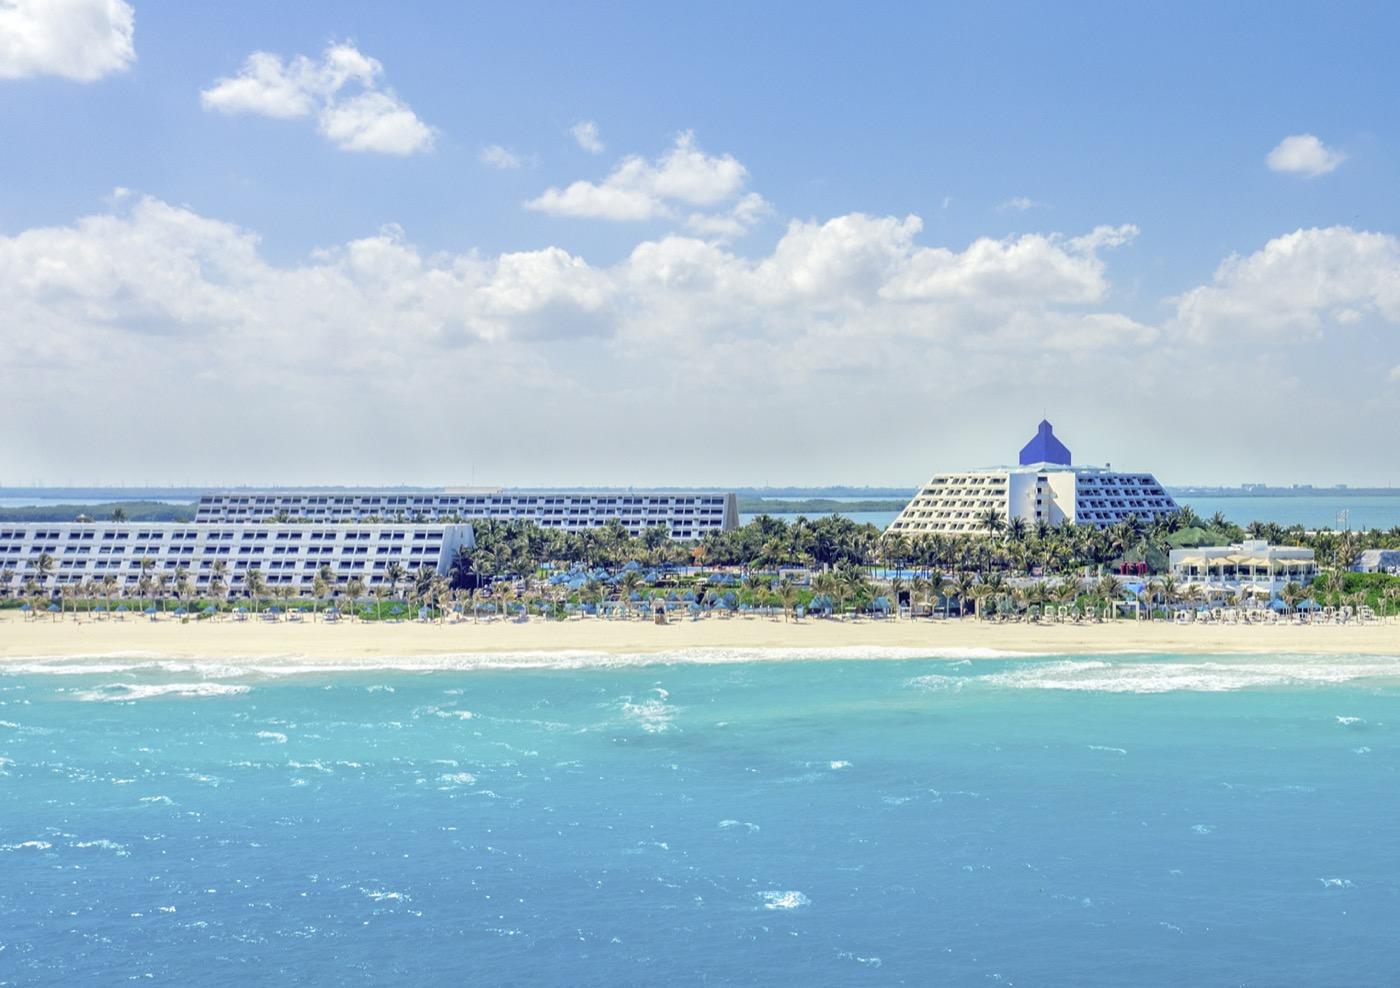 Vista de la playa frente al Hotel The Pyramid at Grand Oasis